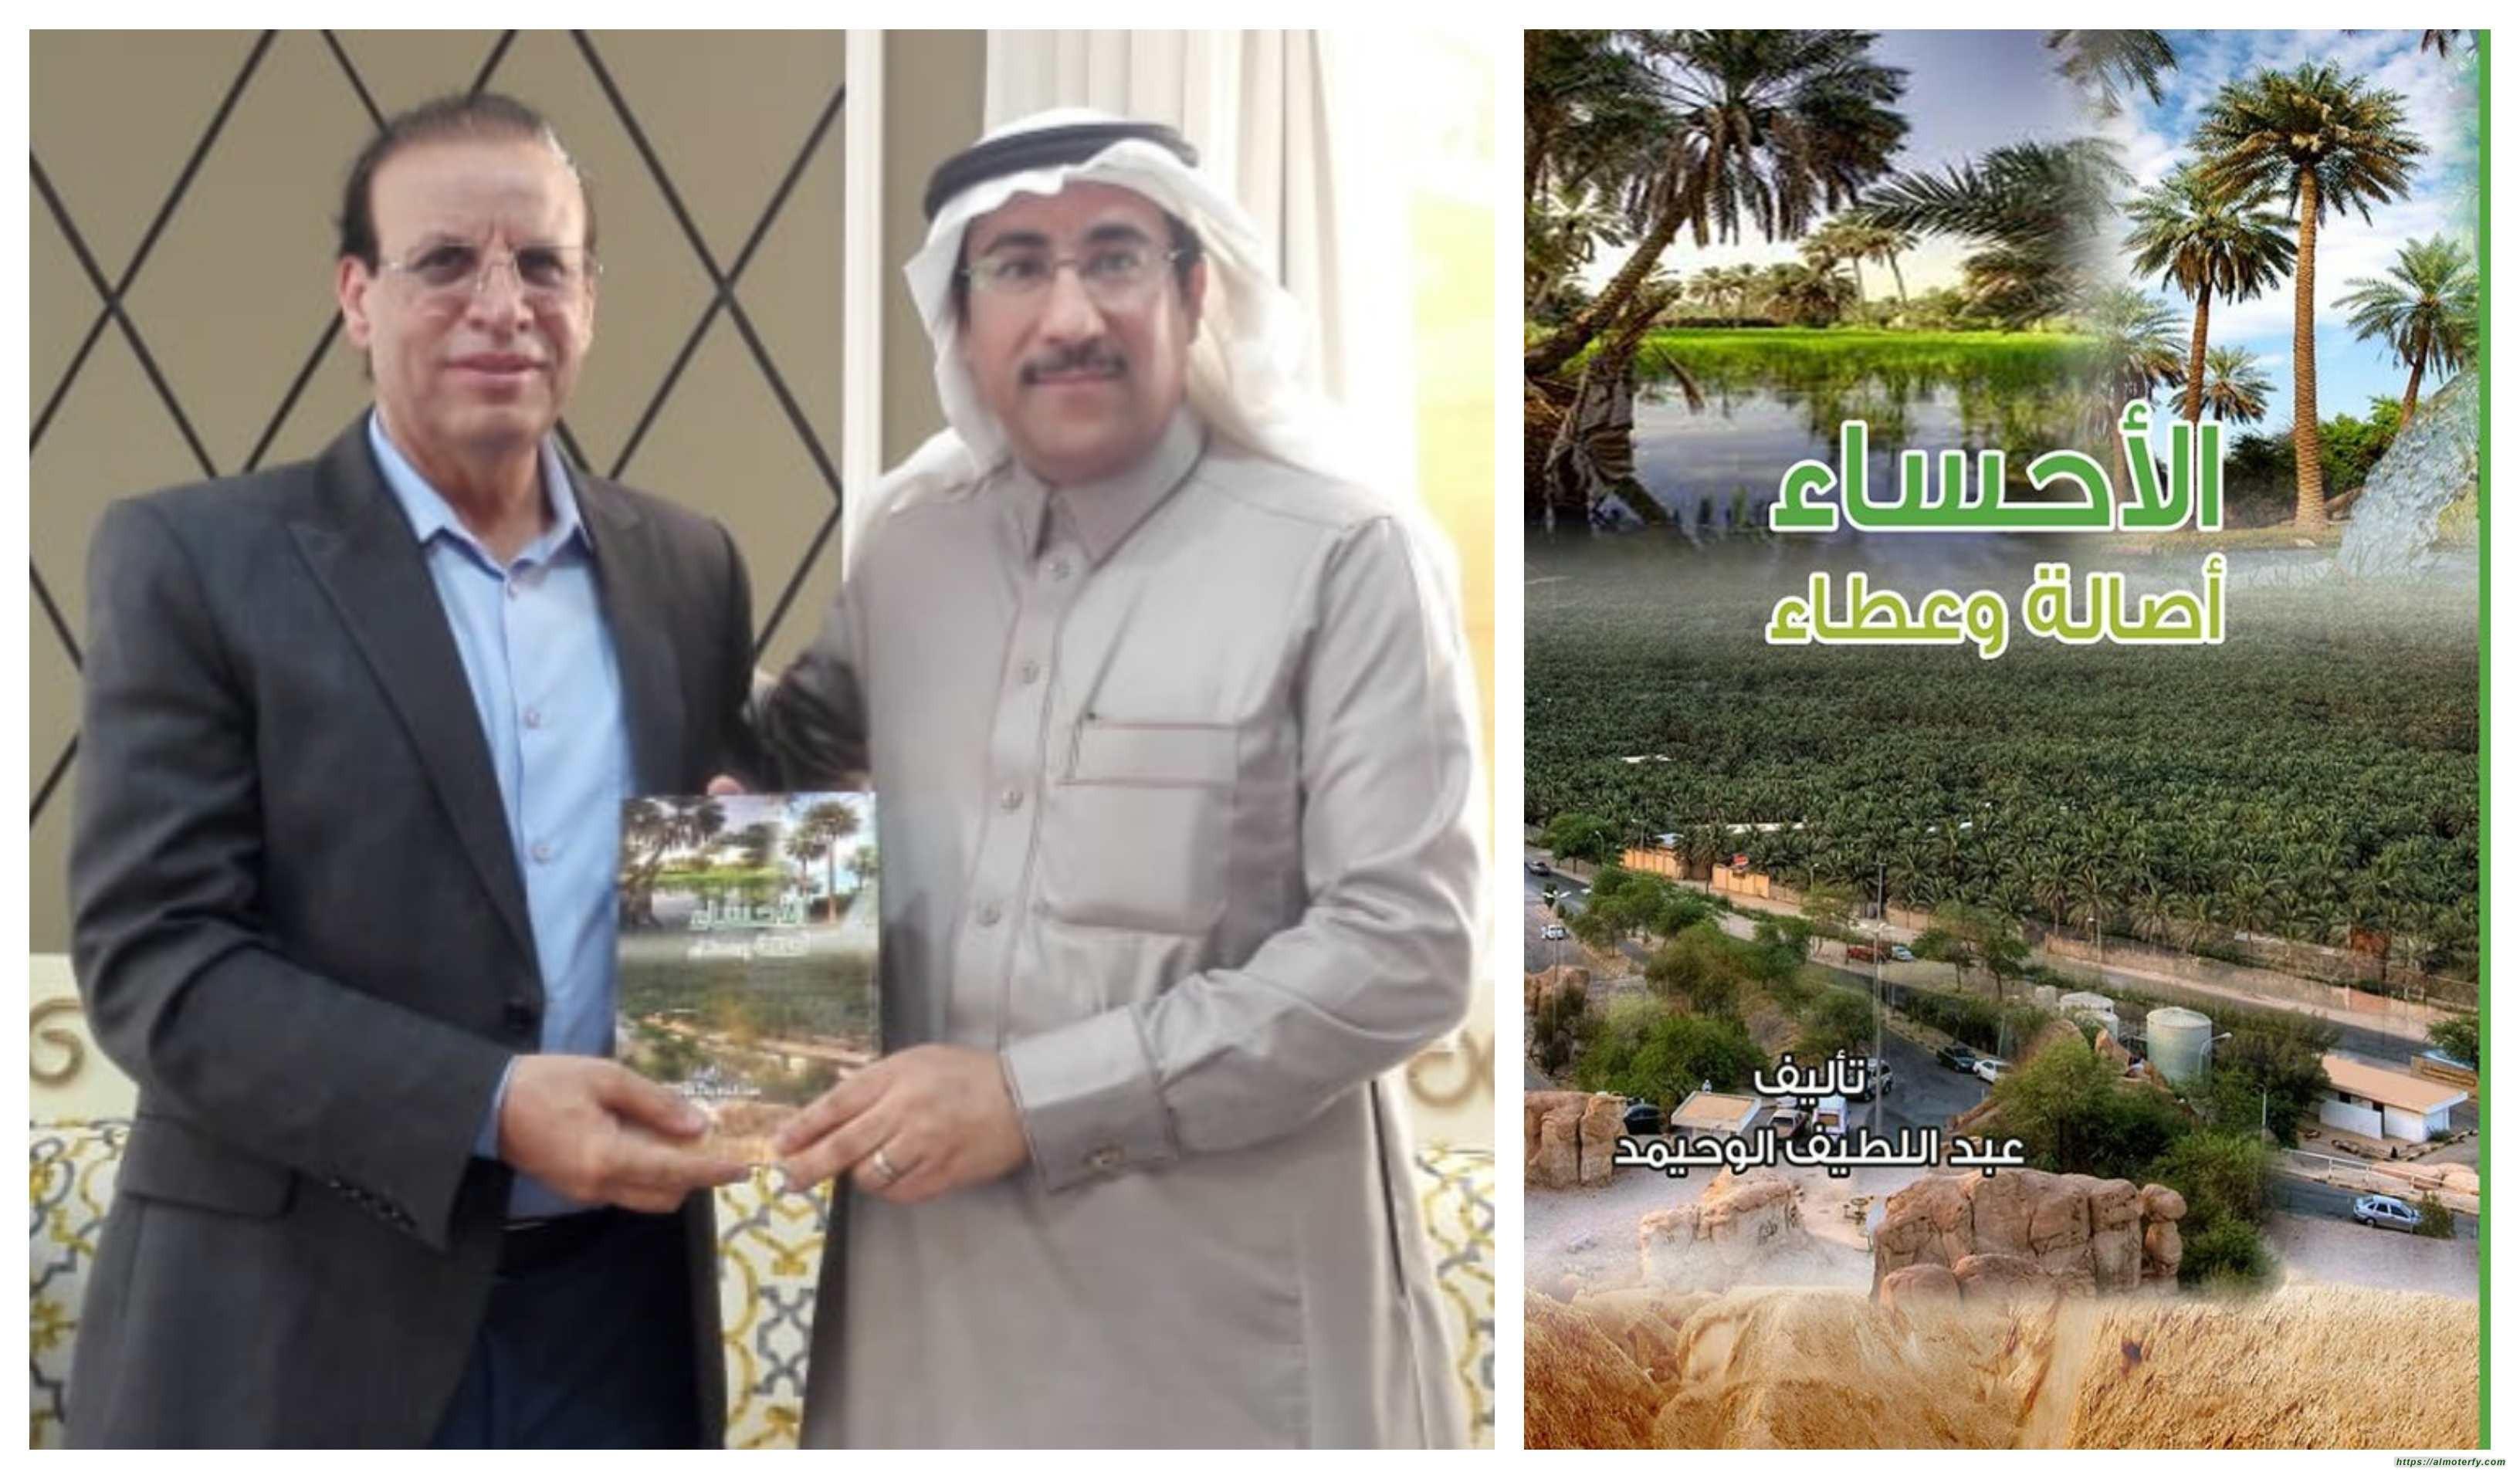 سفير السلام يُهدي سفير العراق كتاب الأحساء ...